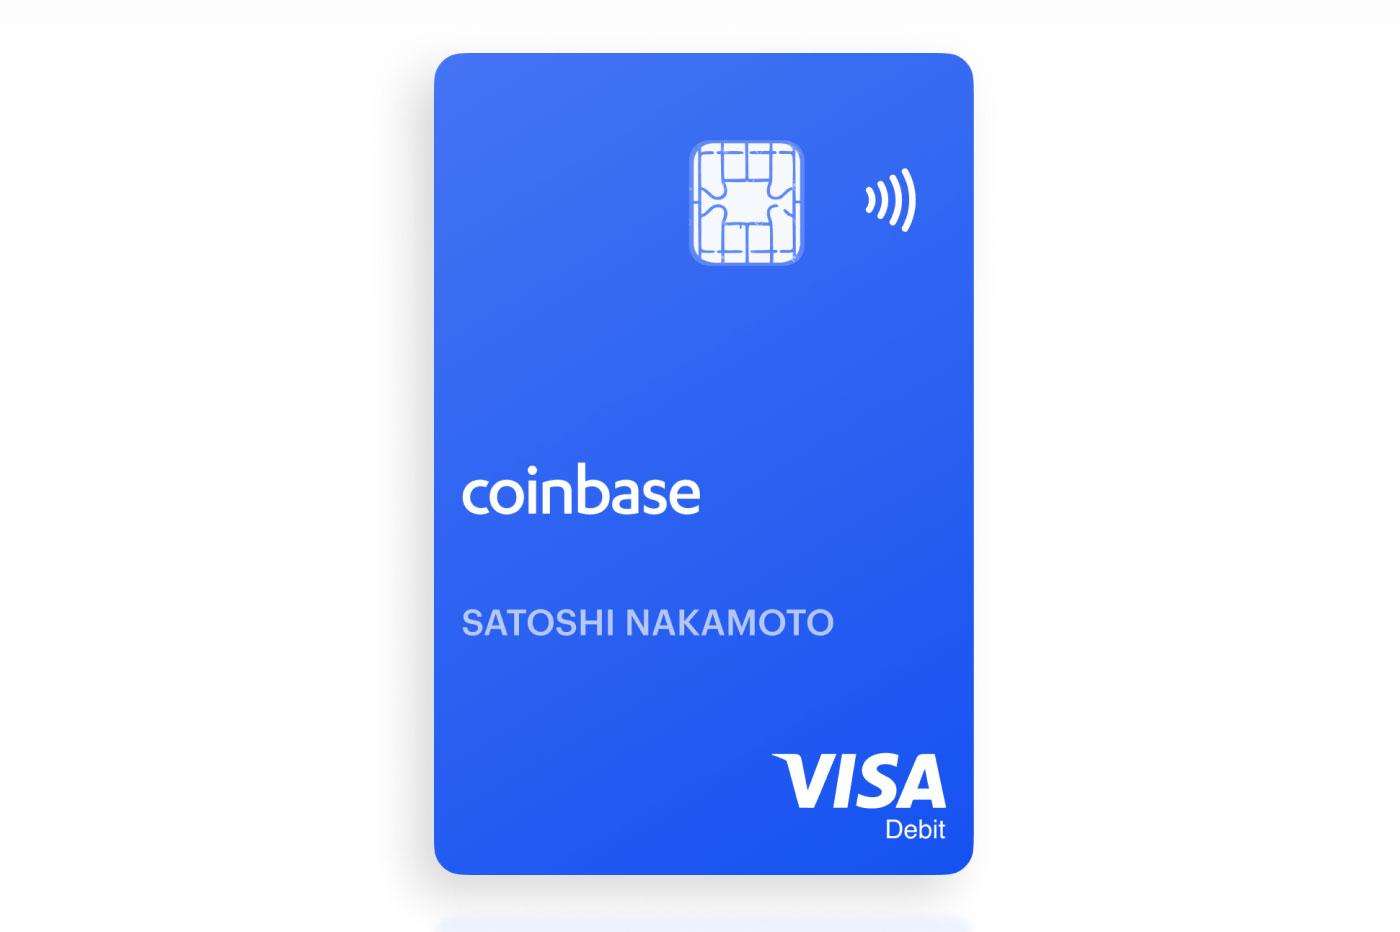 Coinbase officialise une carte pour dépenser ses Bitcoins